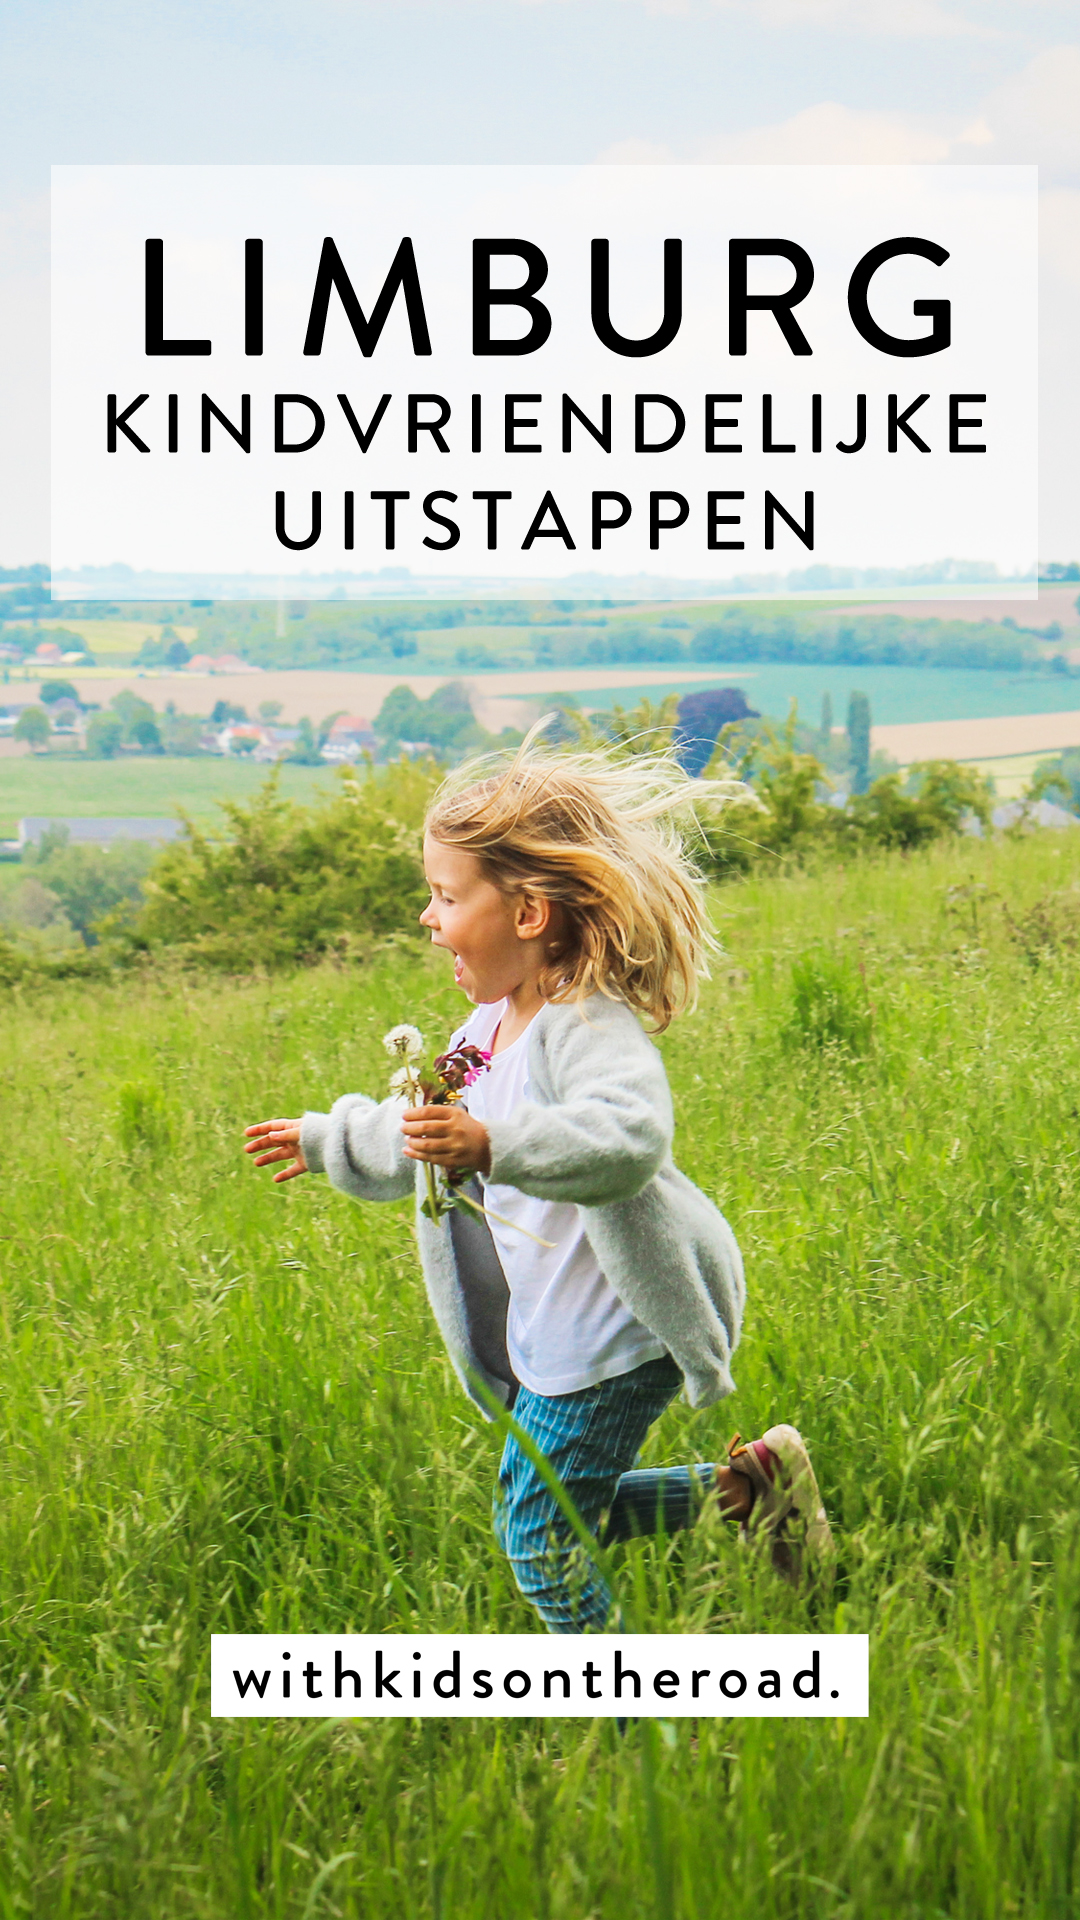 Limburg - Kindvriendelijke uitstappen 4.jpg